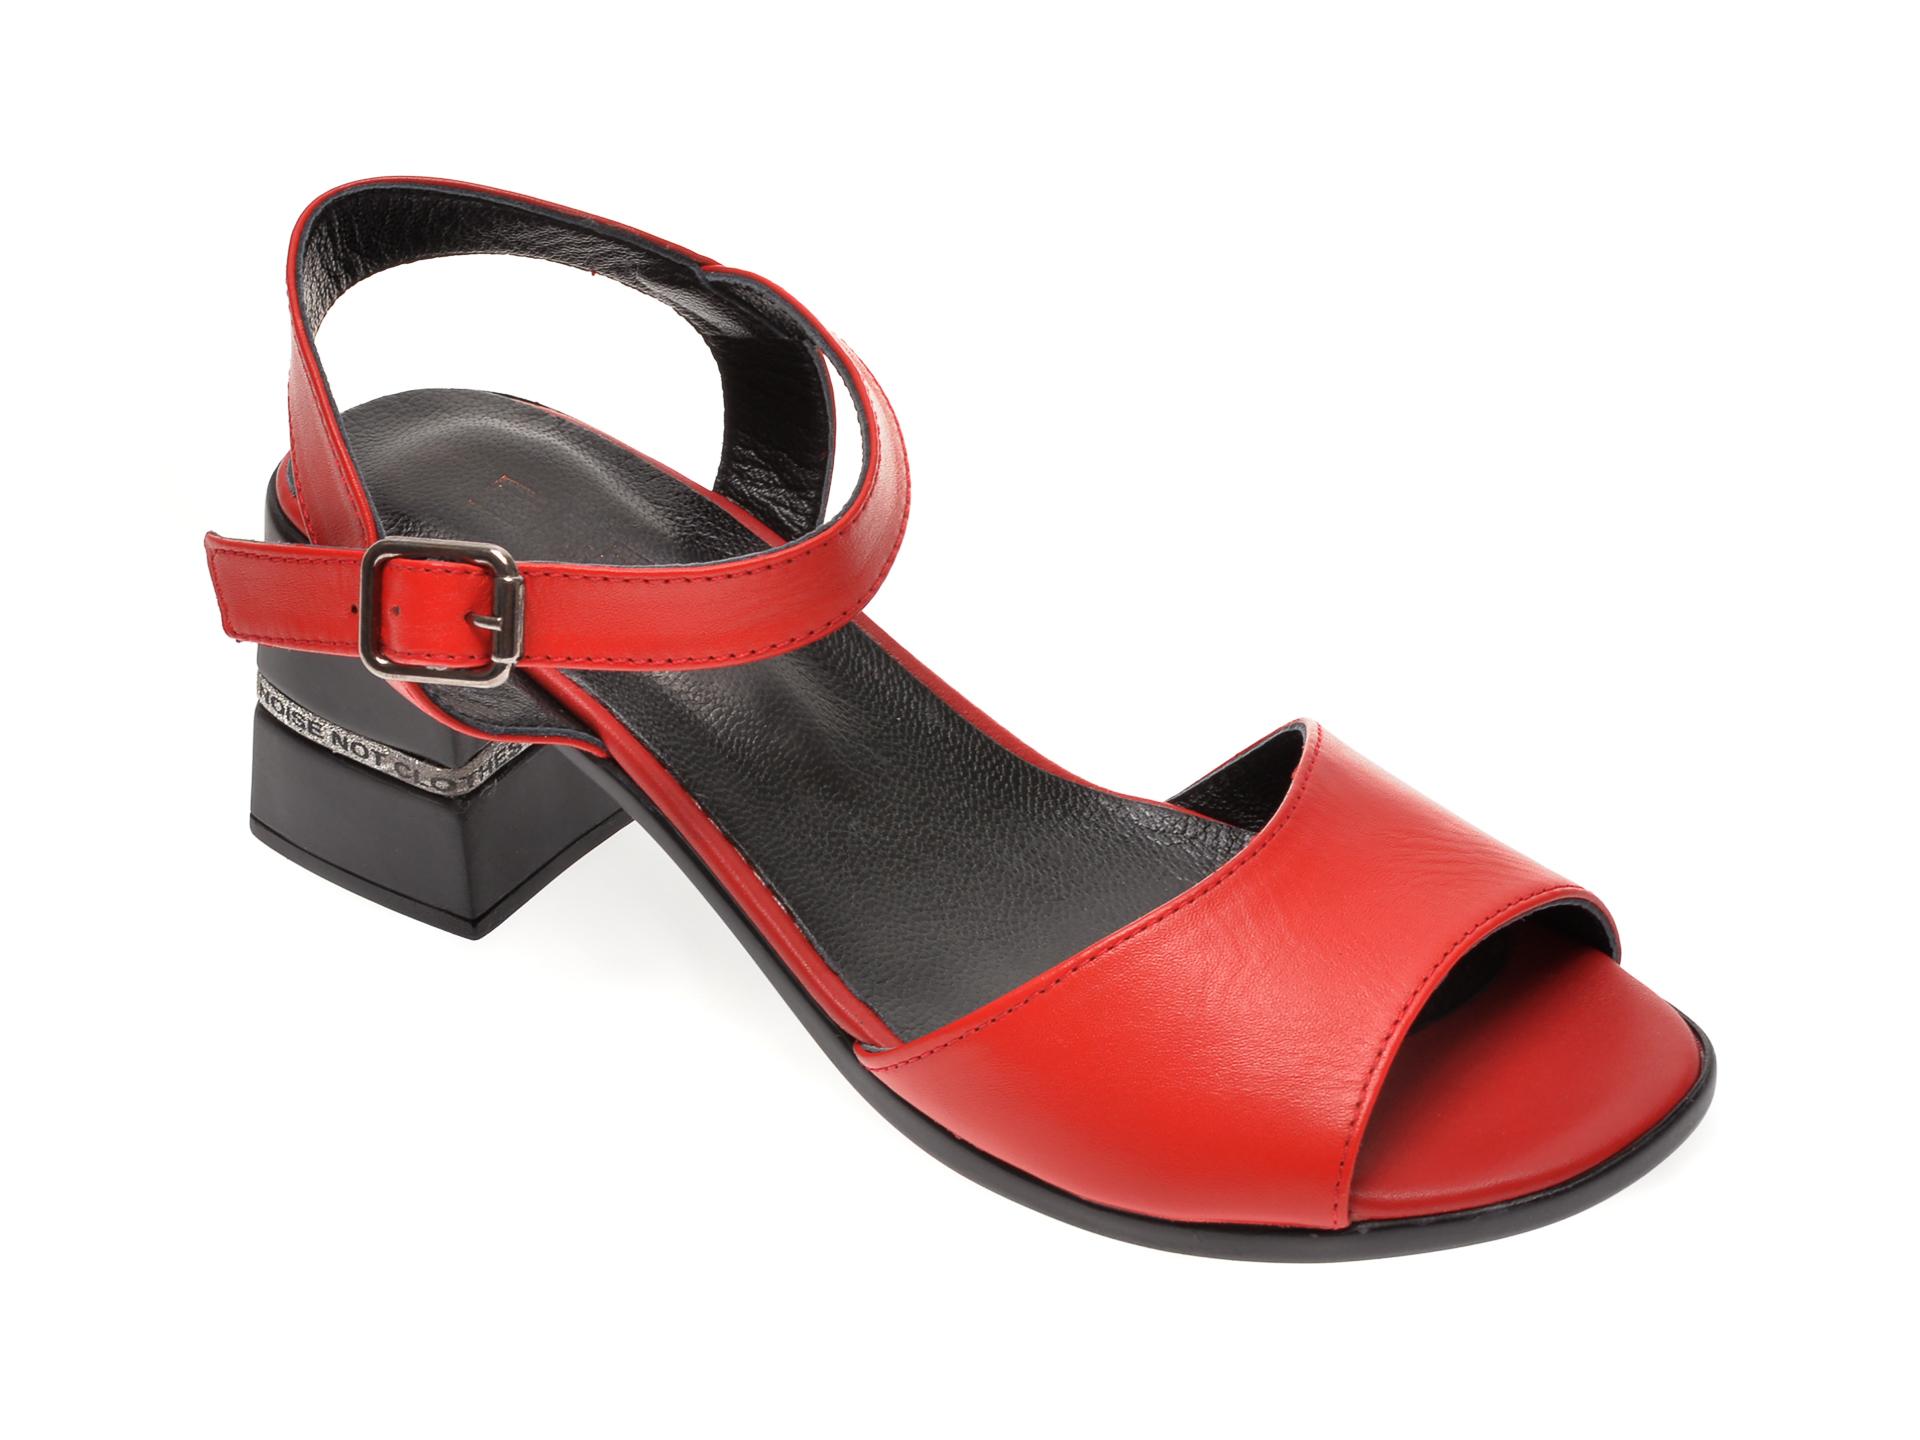 Sandale FLAVIA PASSINI rosii, 644, din piele naturala